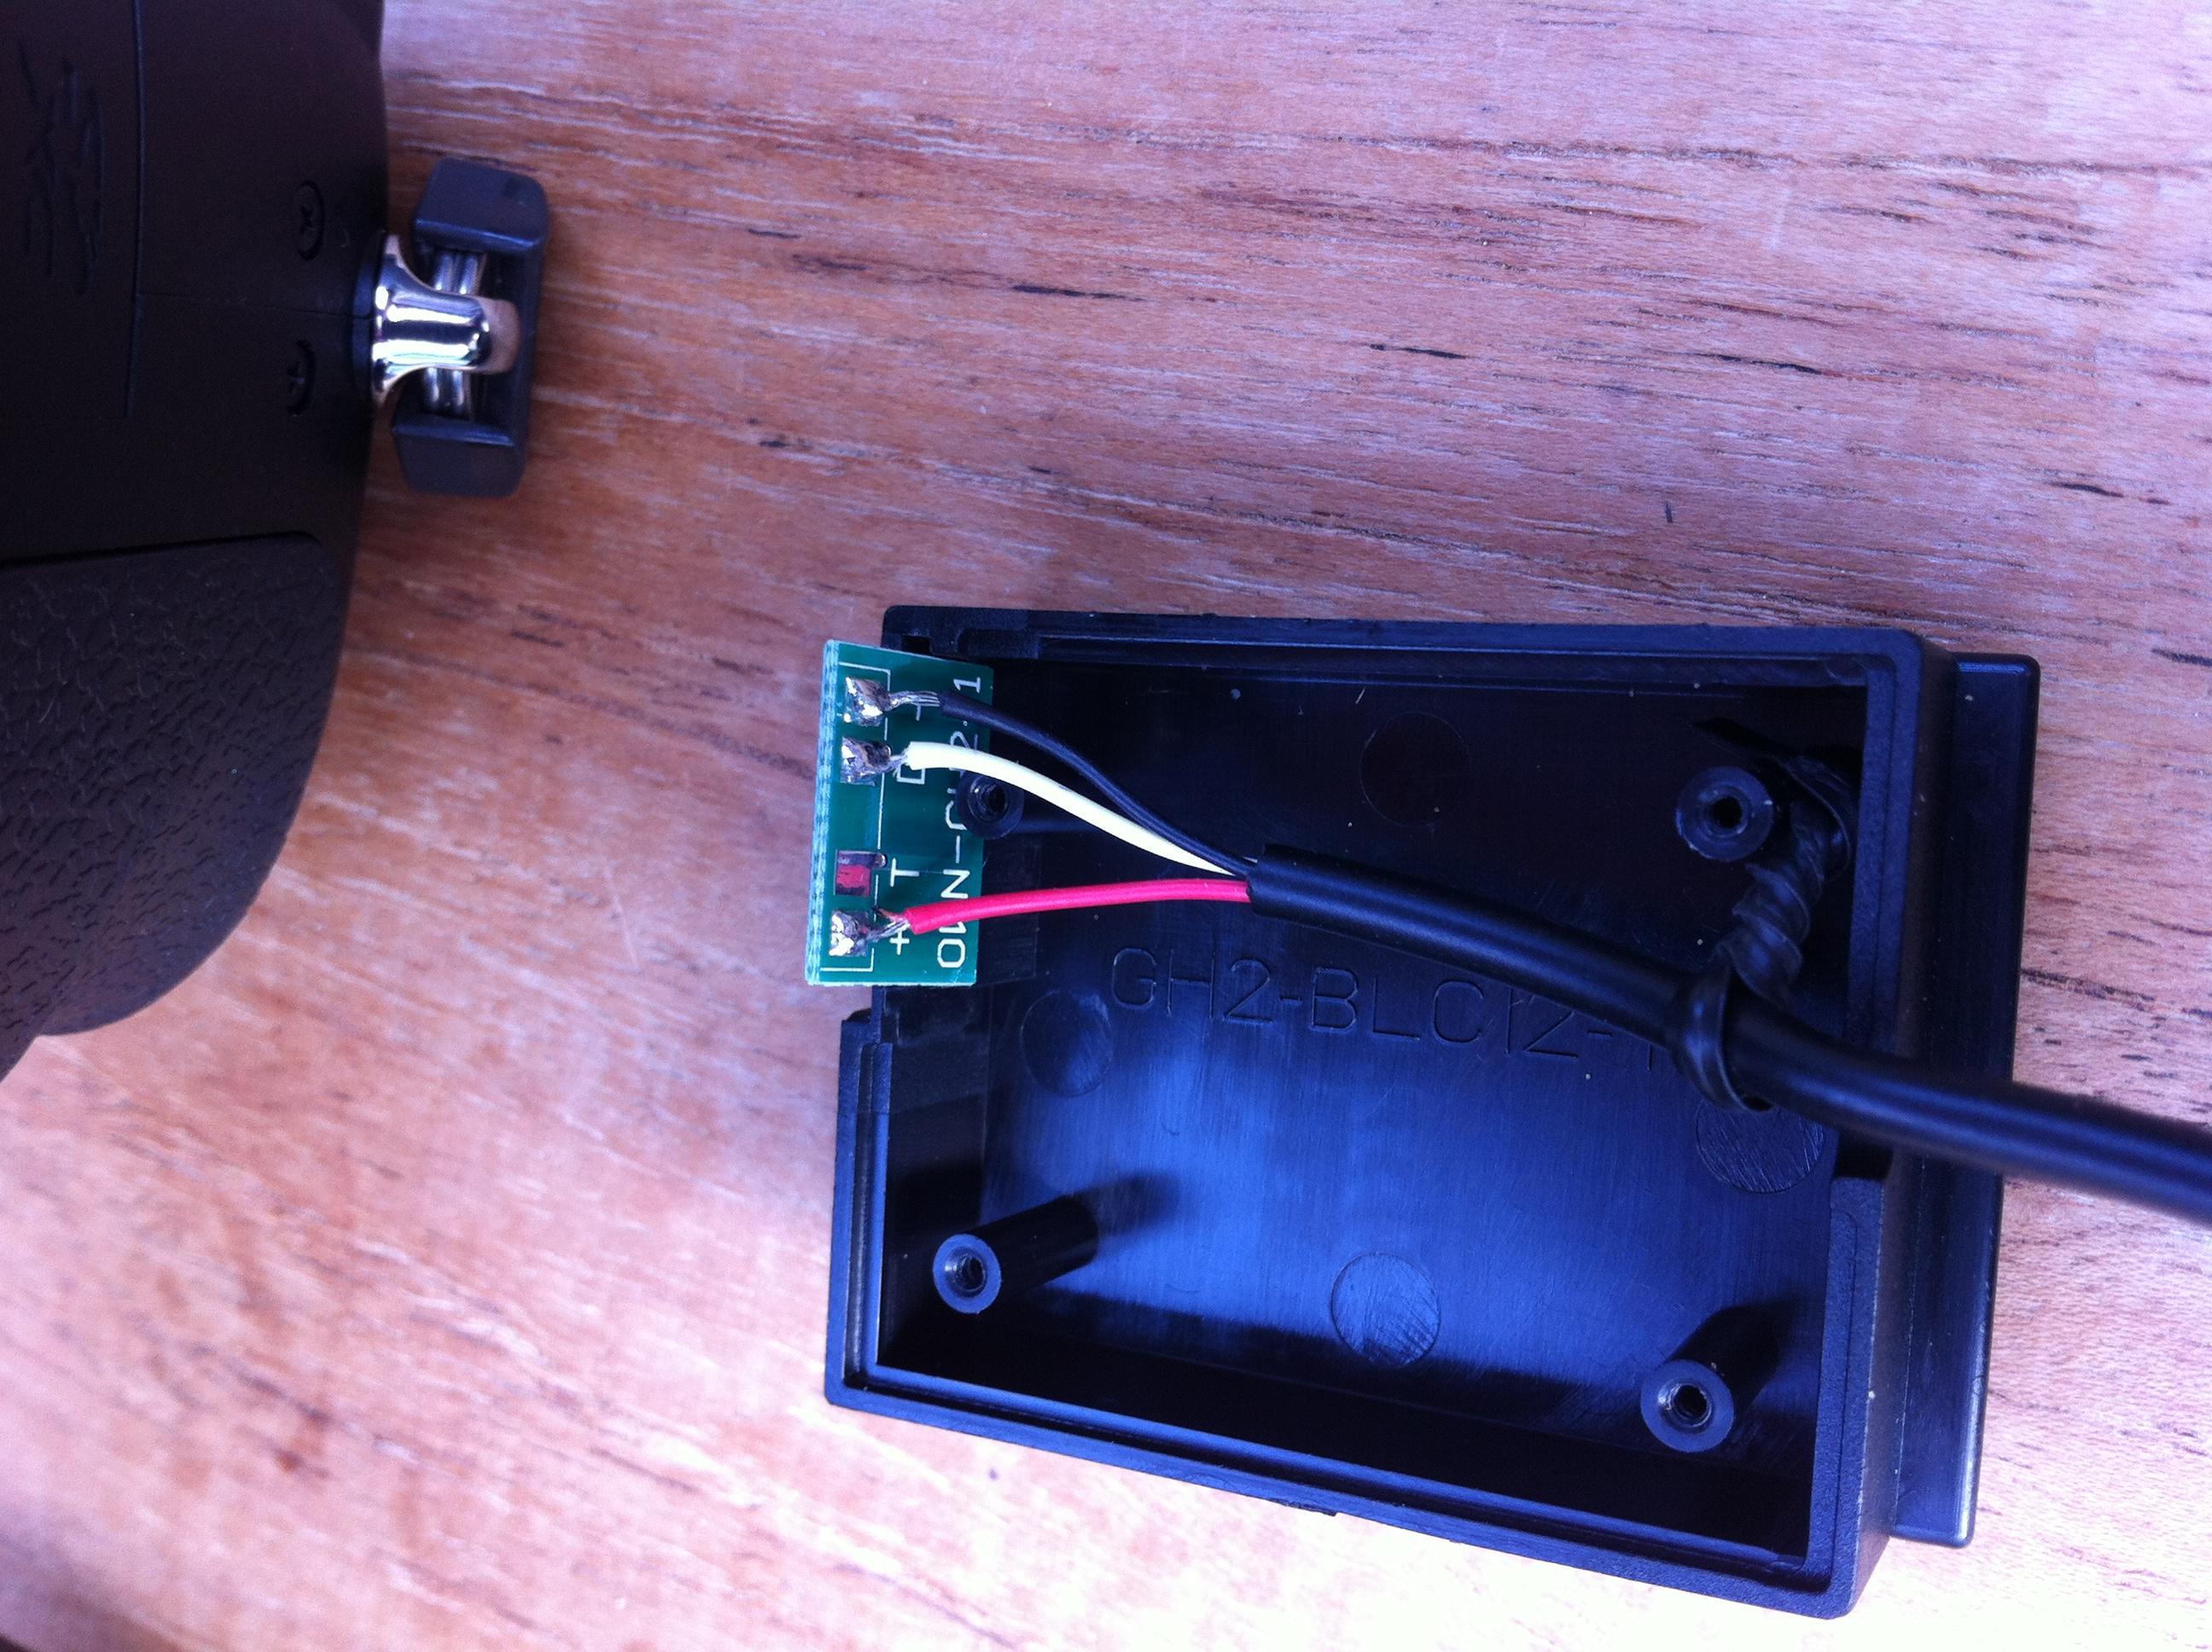 ownuser battery sized block GH2 inside